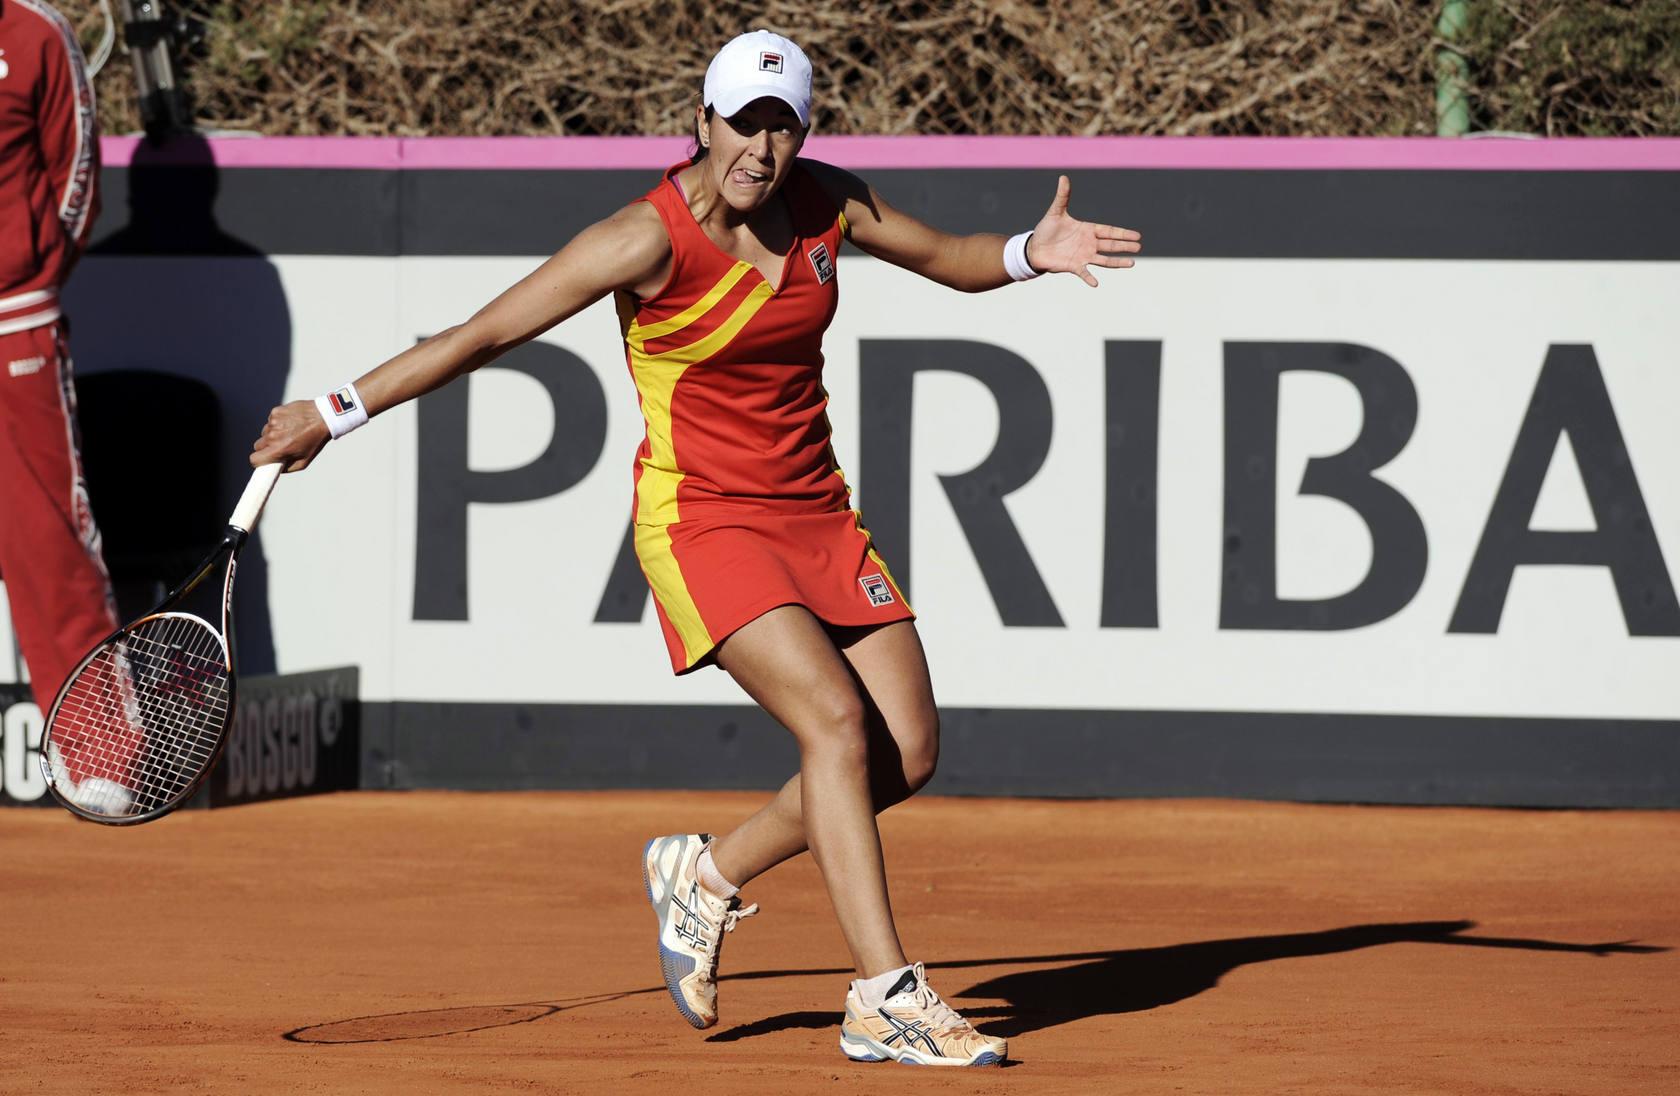 Segundo partido de la eliminatoria de la Copa Federación de Tenis en Alicante